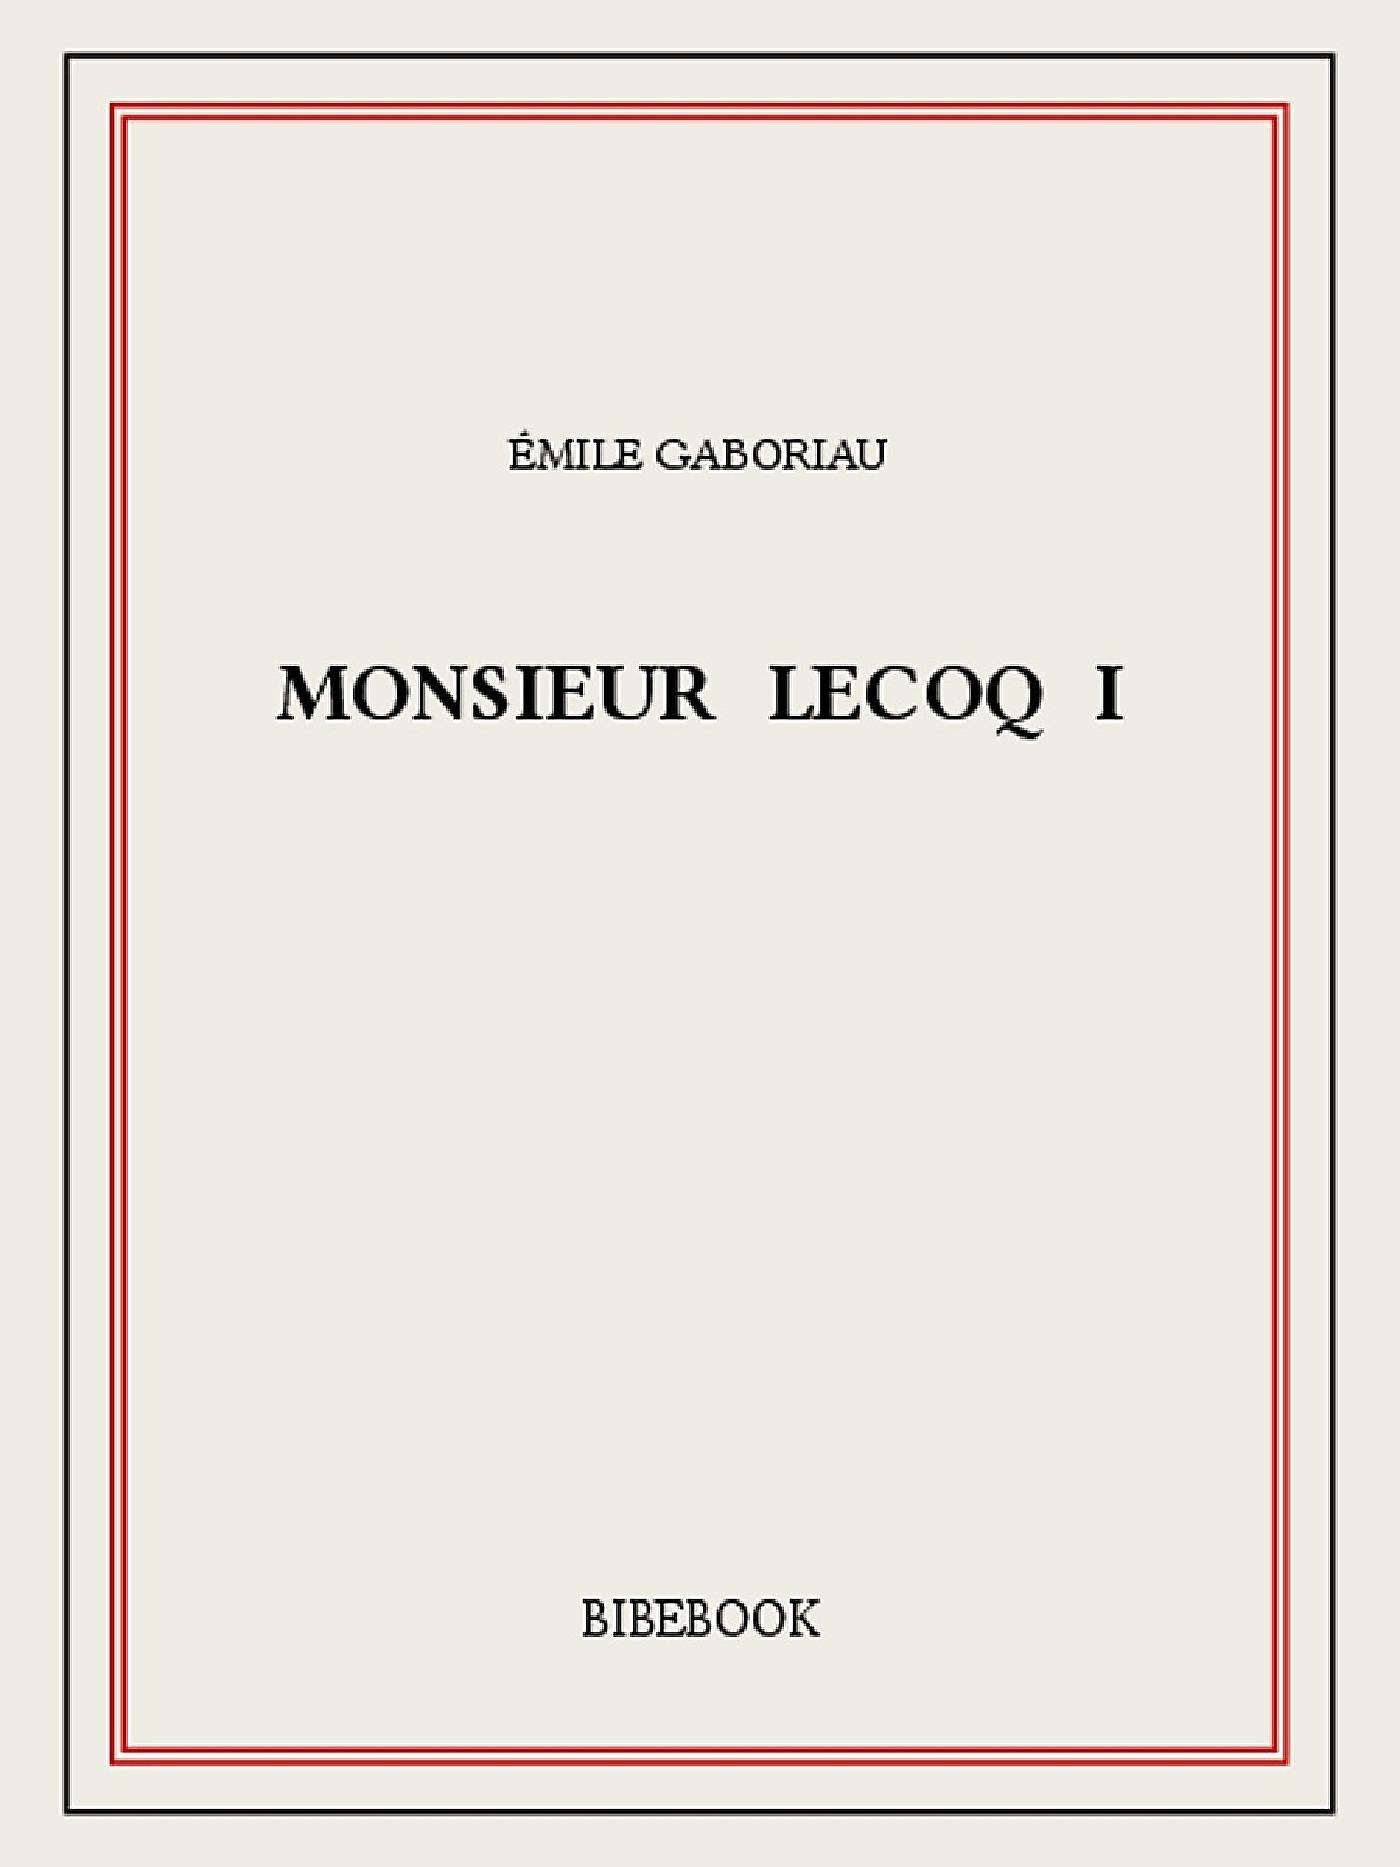 Monsieur Lecoq I